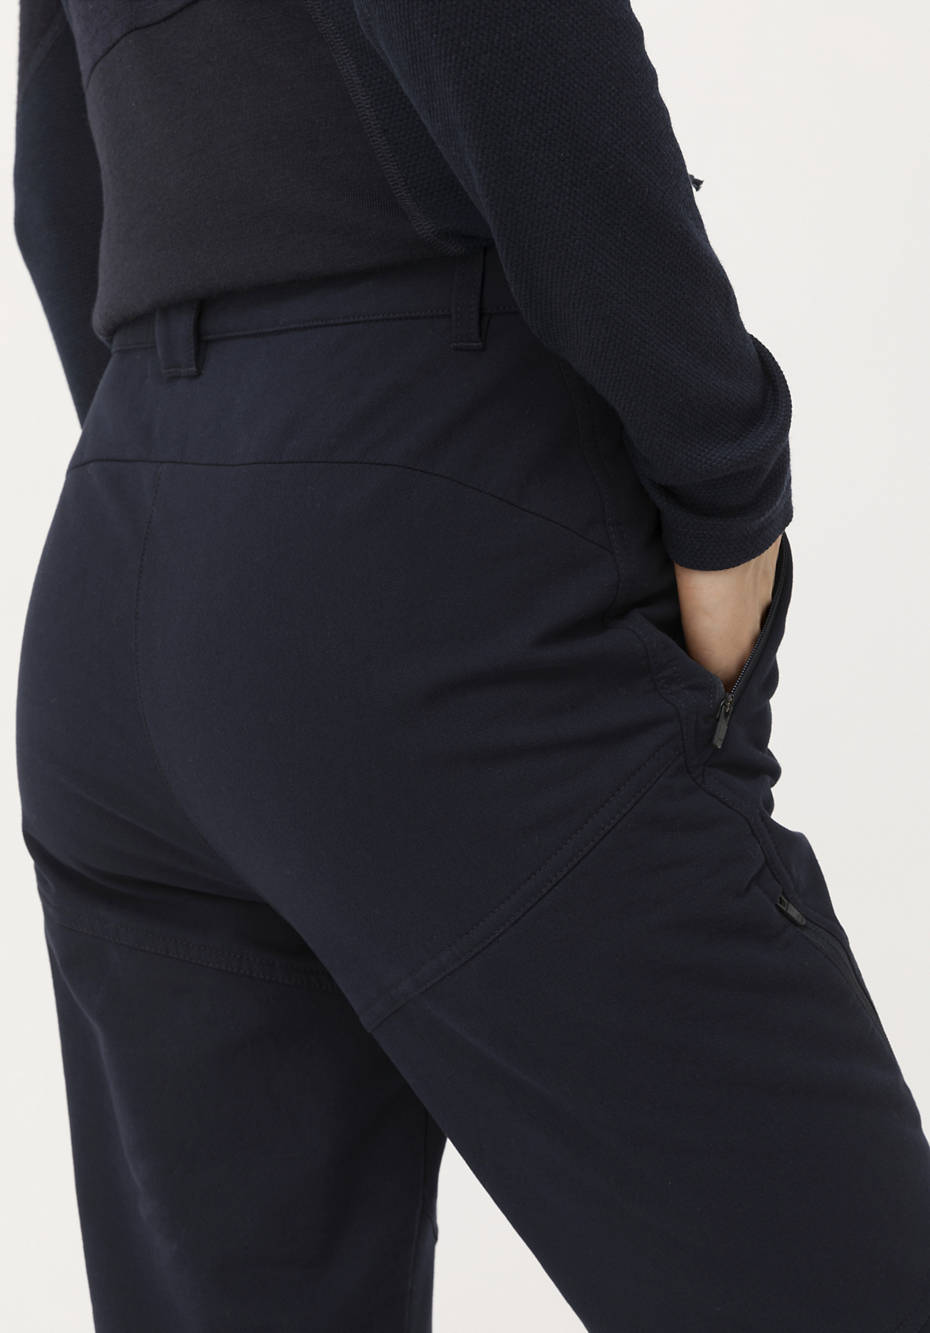 Softshell-Hose Slim Fit aus Bio-Baumwolle